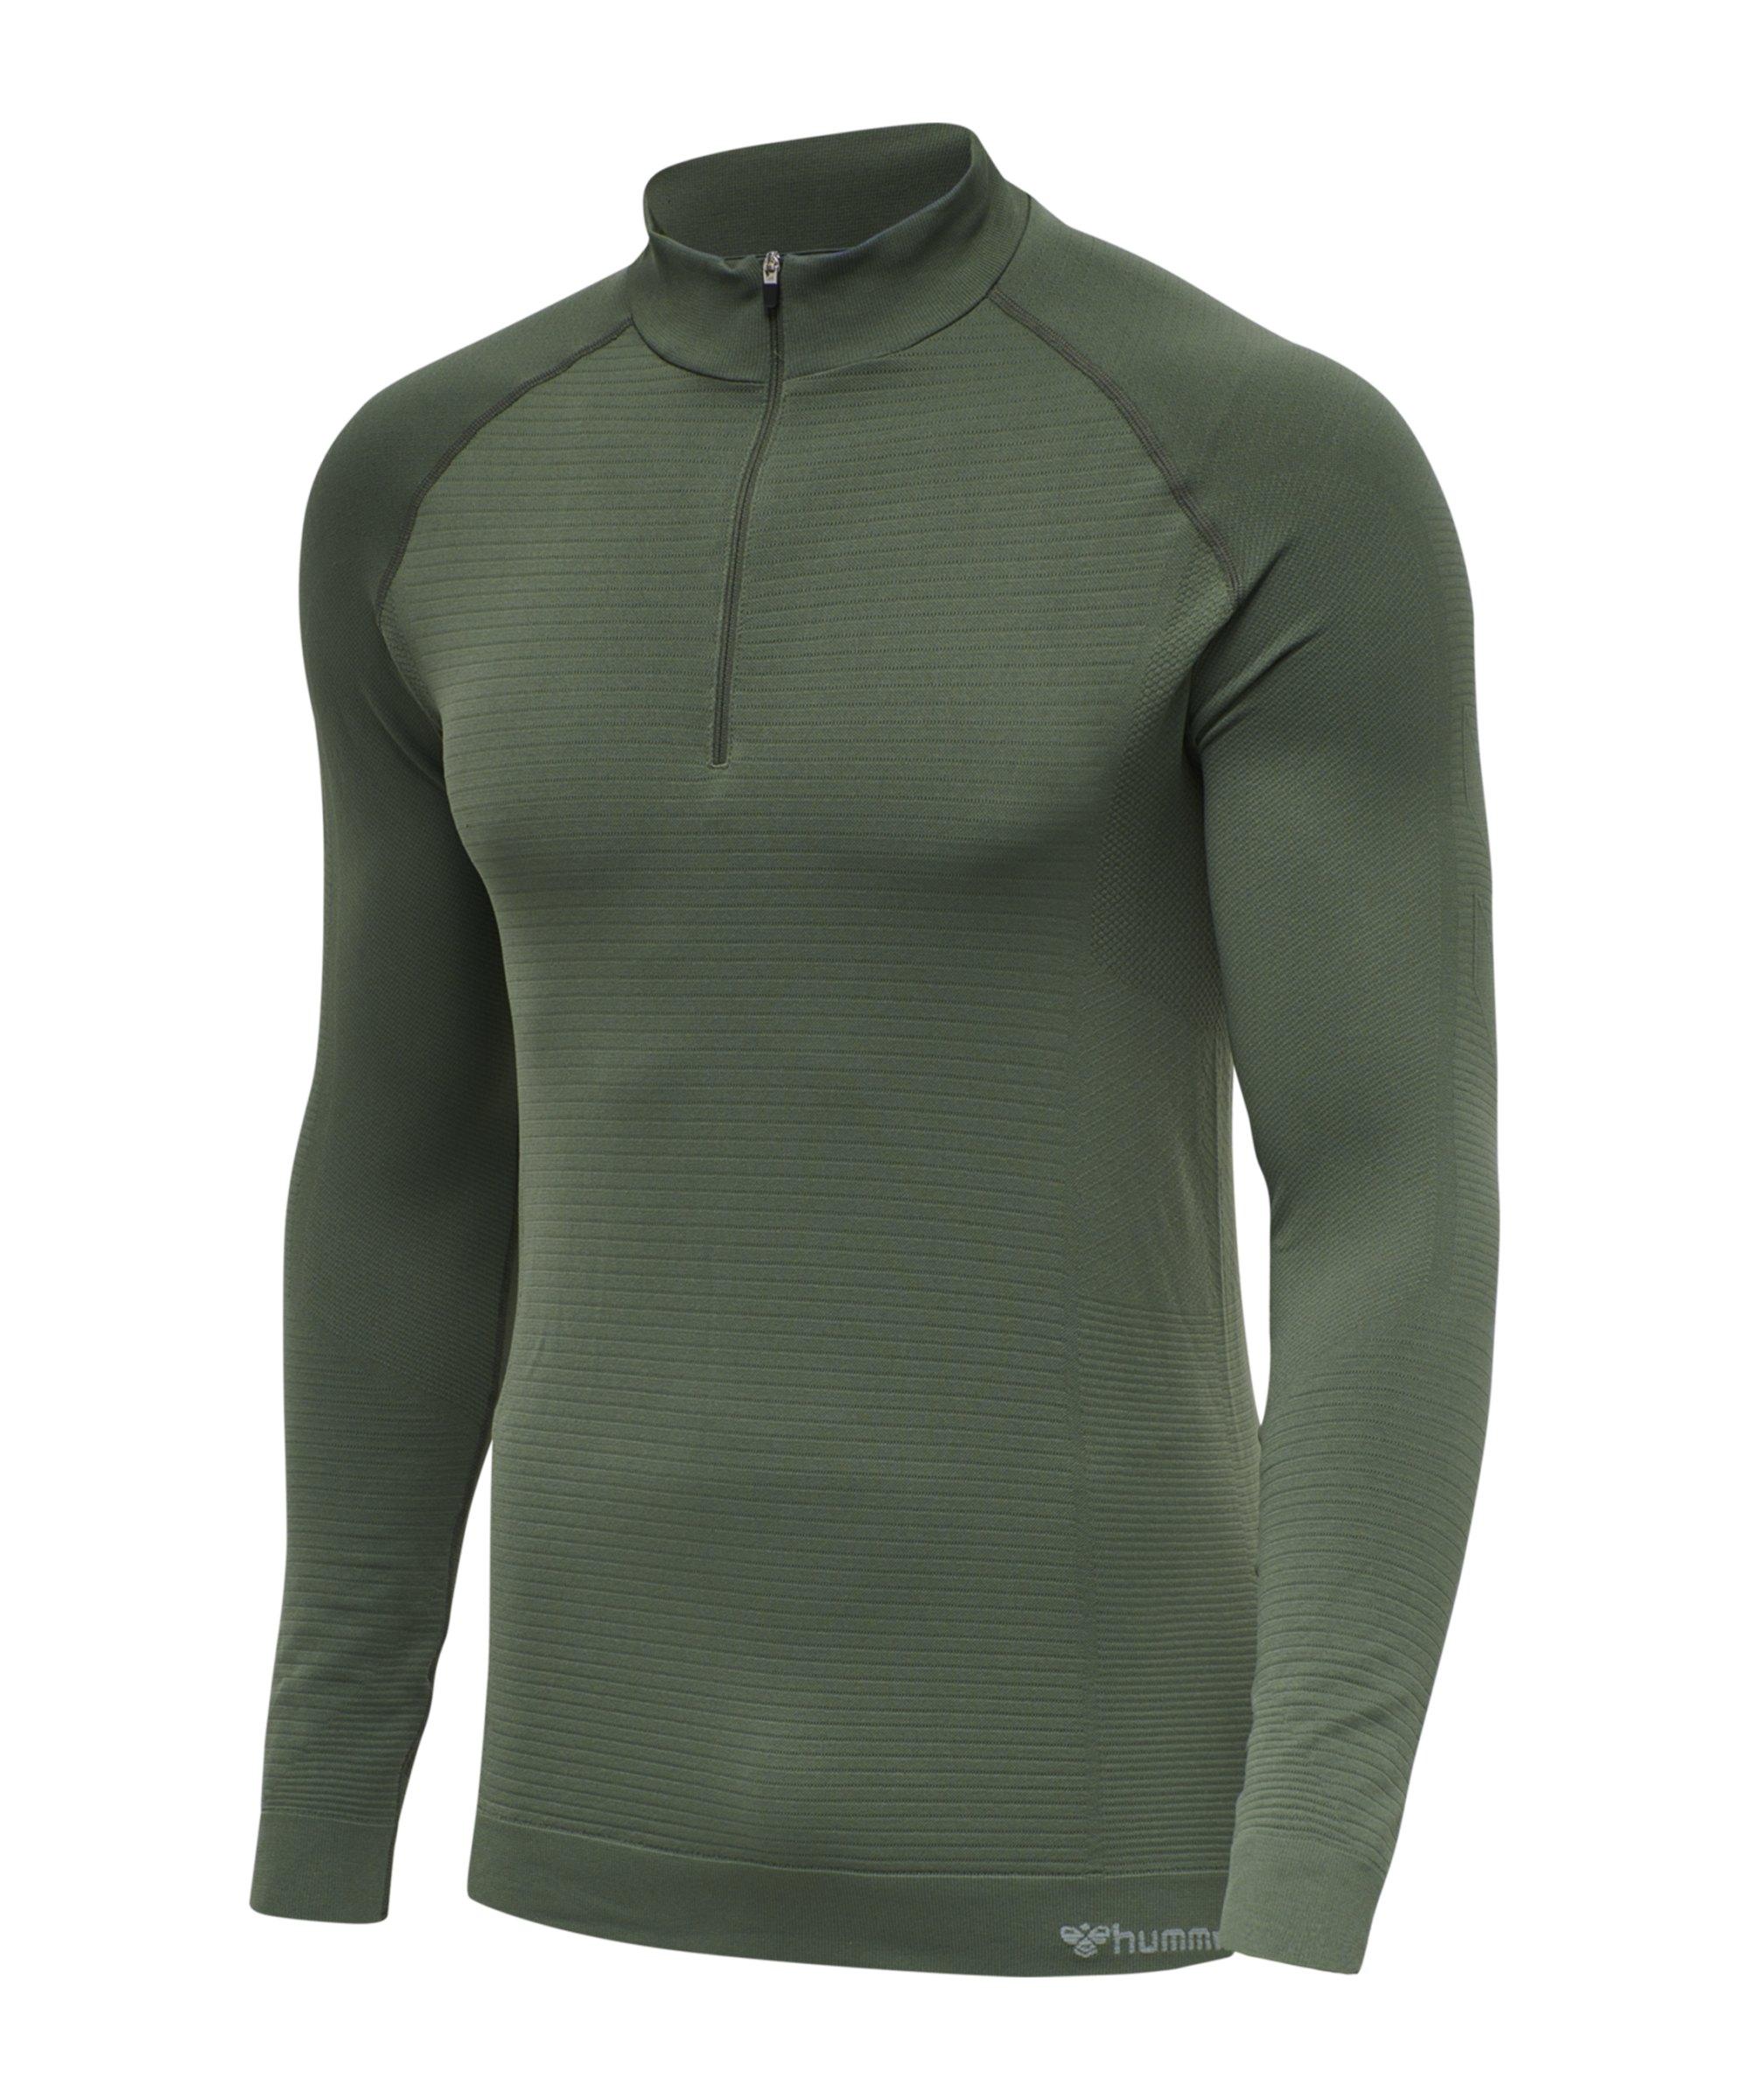 Hummel hmlstroke Seamless HalfZip Sweatshirt F6173 - gruen